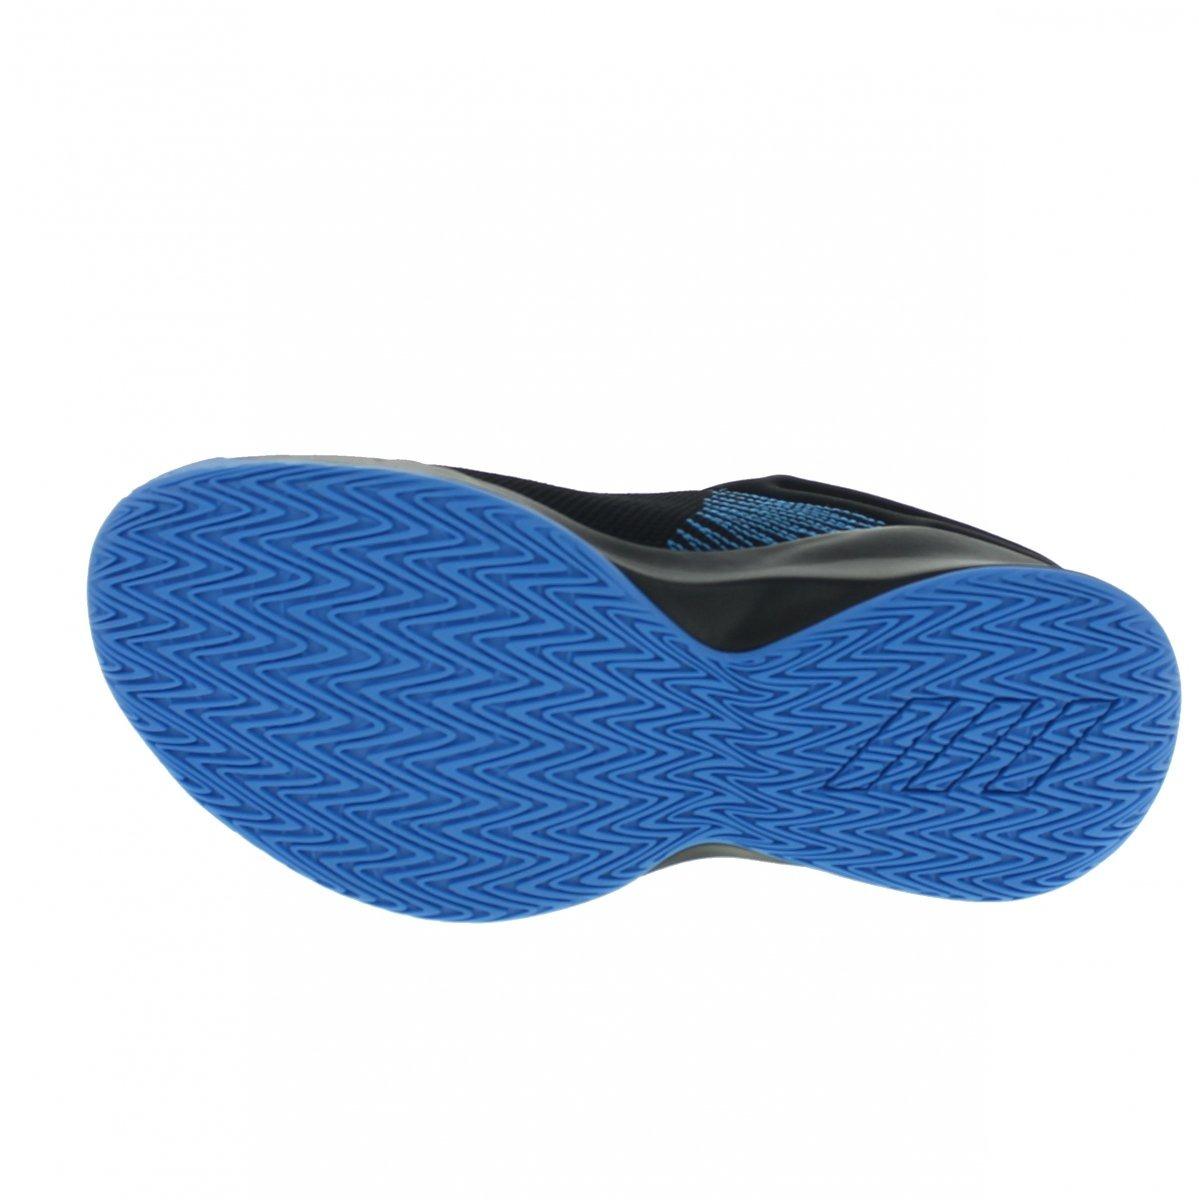 8b8f6020a1 tenis adidas pro spark low masculino basquete original + nf. Carregando zoom...  adidas masculino basquete. Carregando zoom.